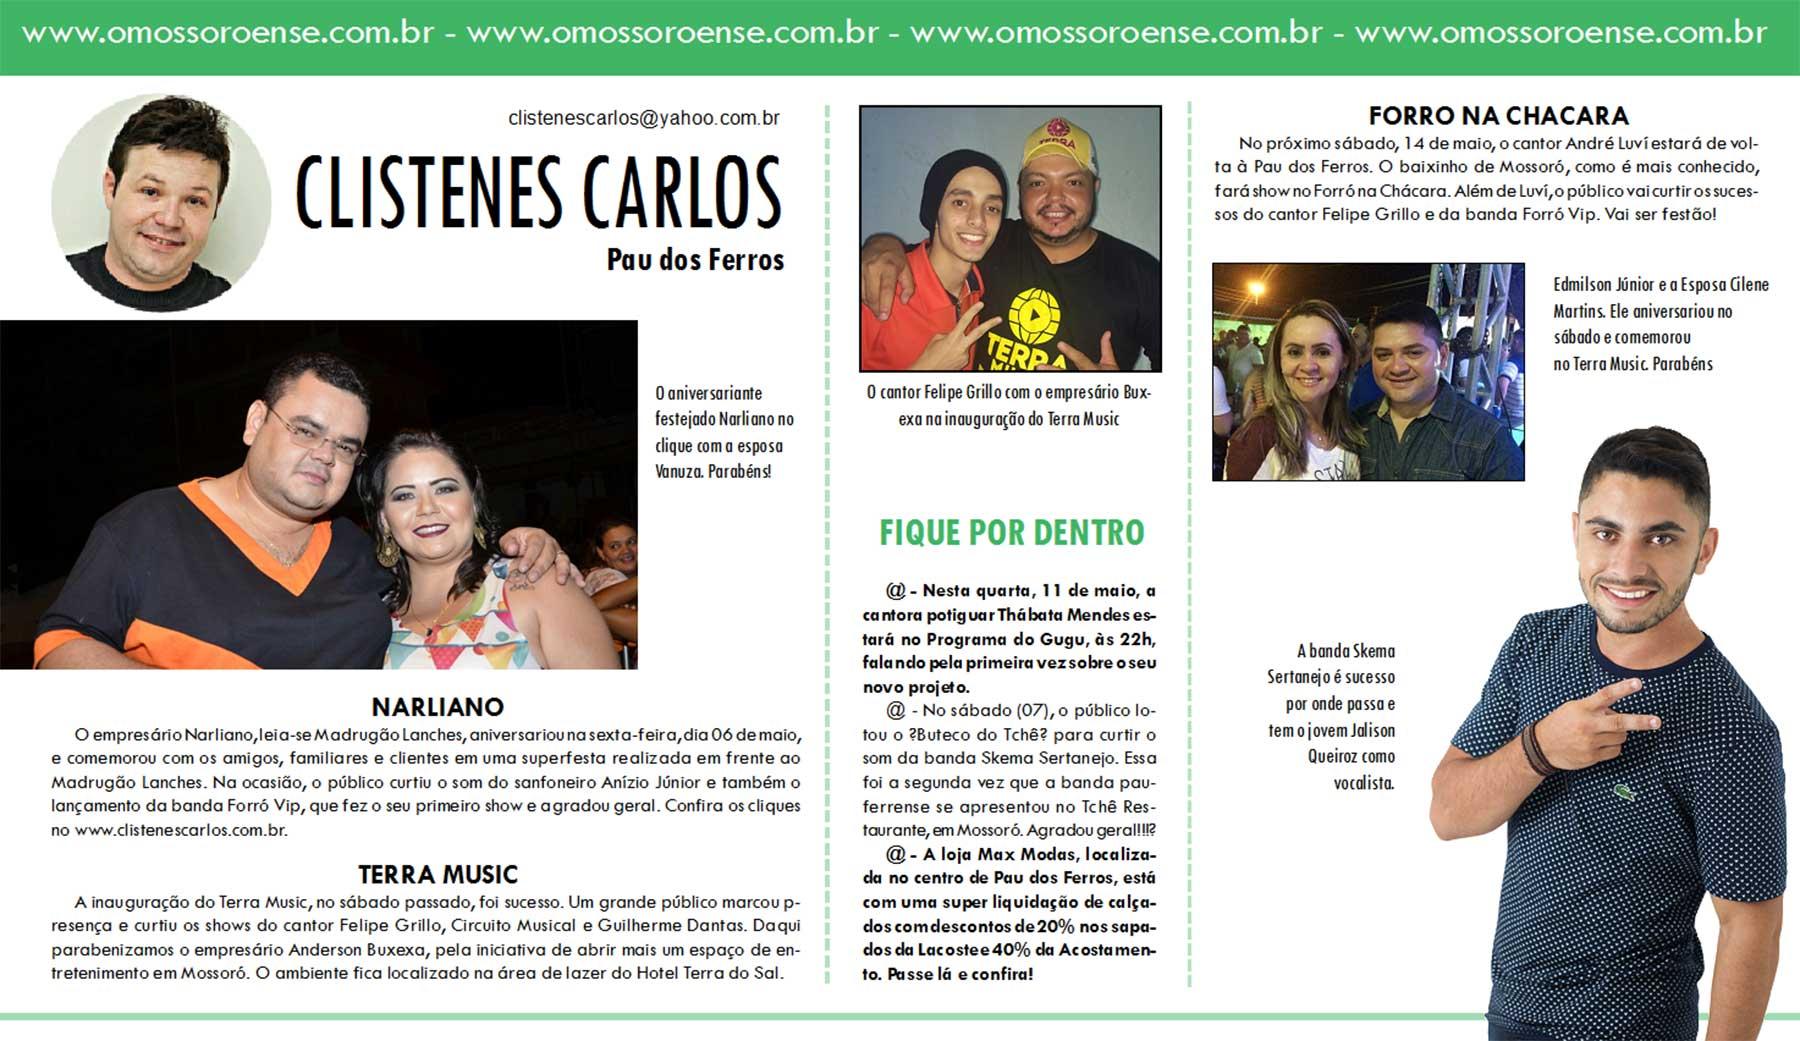 CLISTENES-CARLOS-10-05-2016